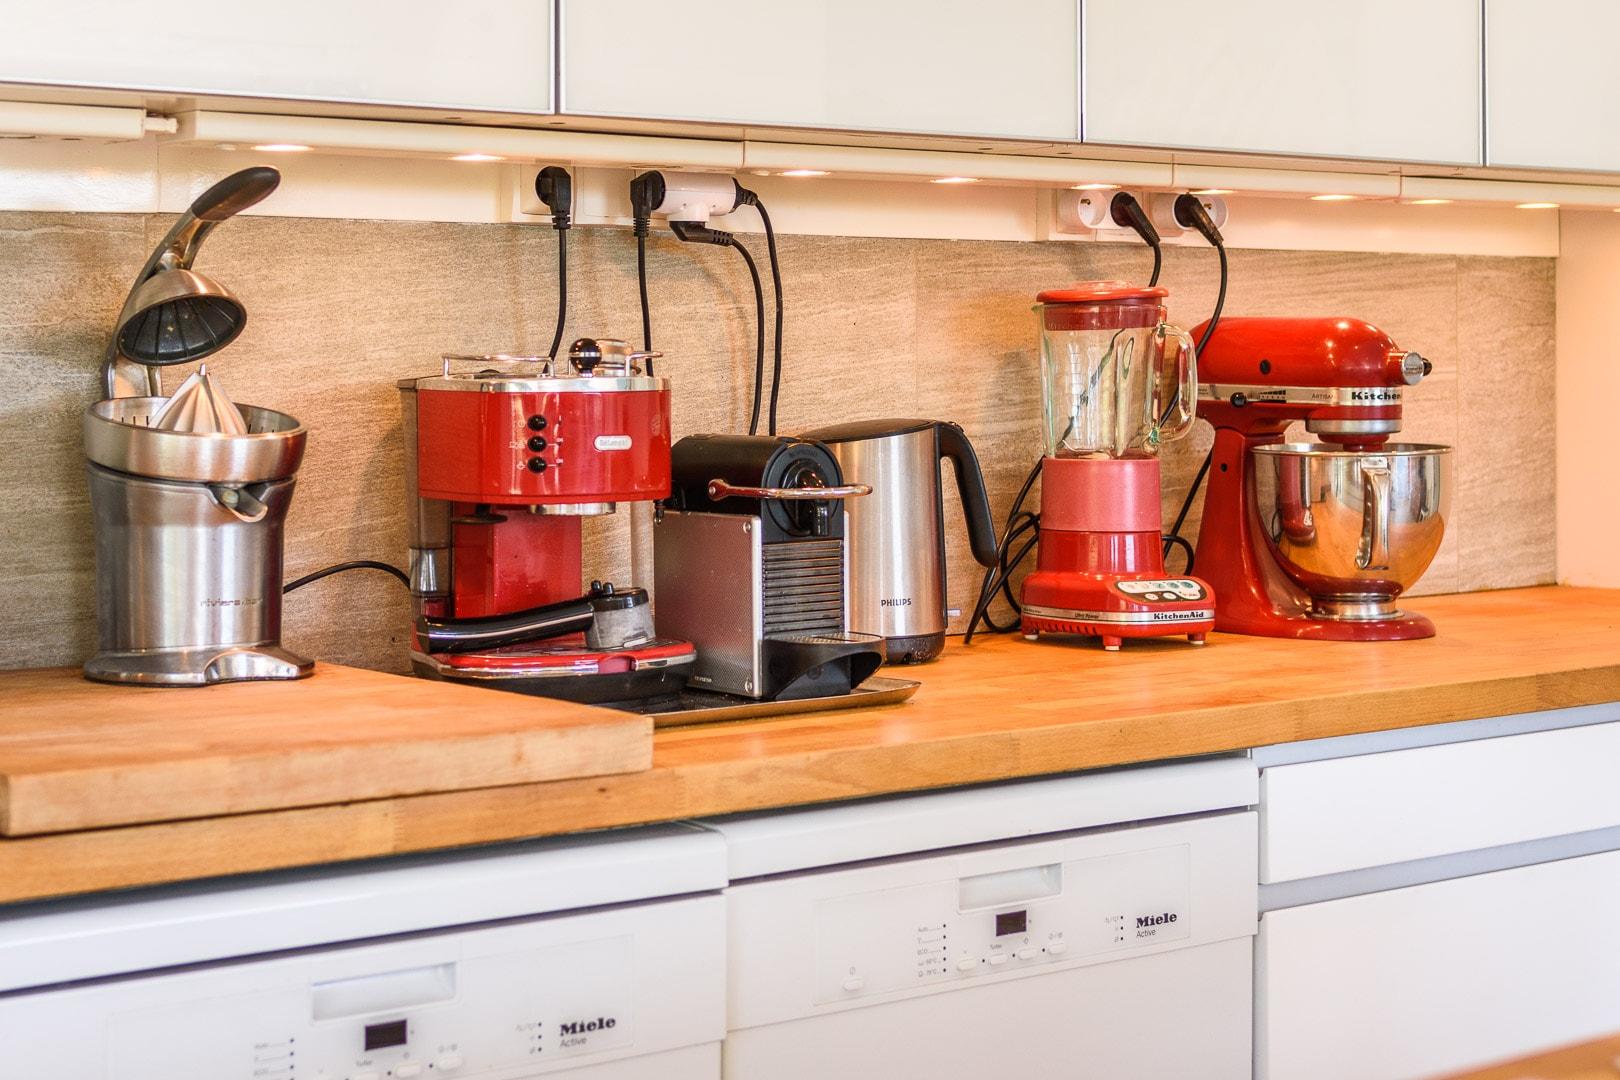 EtxeXuria-cuisine équipements rouges